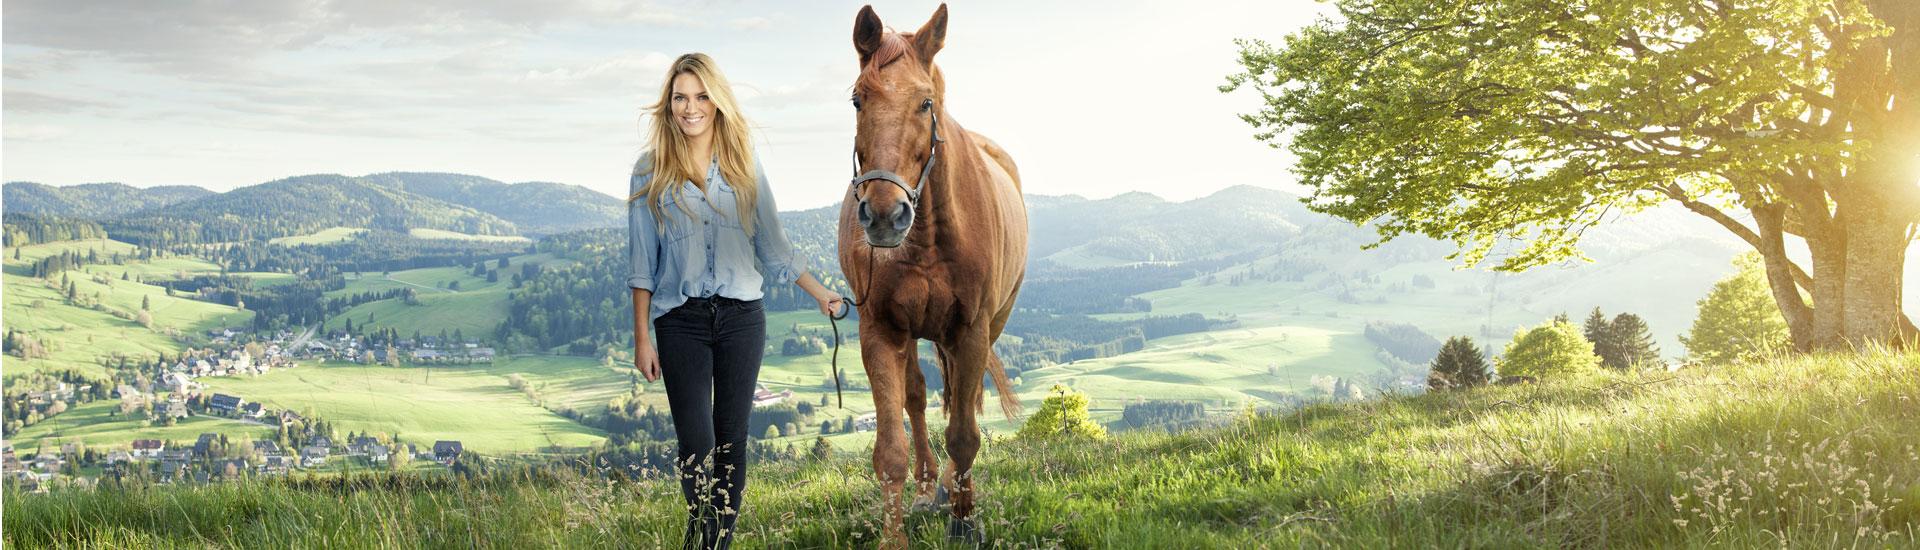 headbilder-kapitel-pferdefutter-freizeit